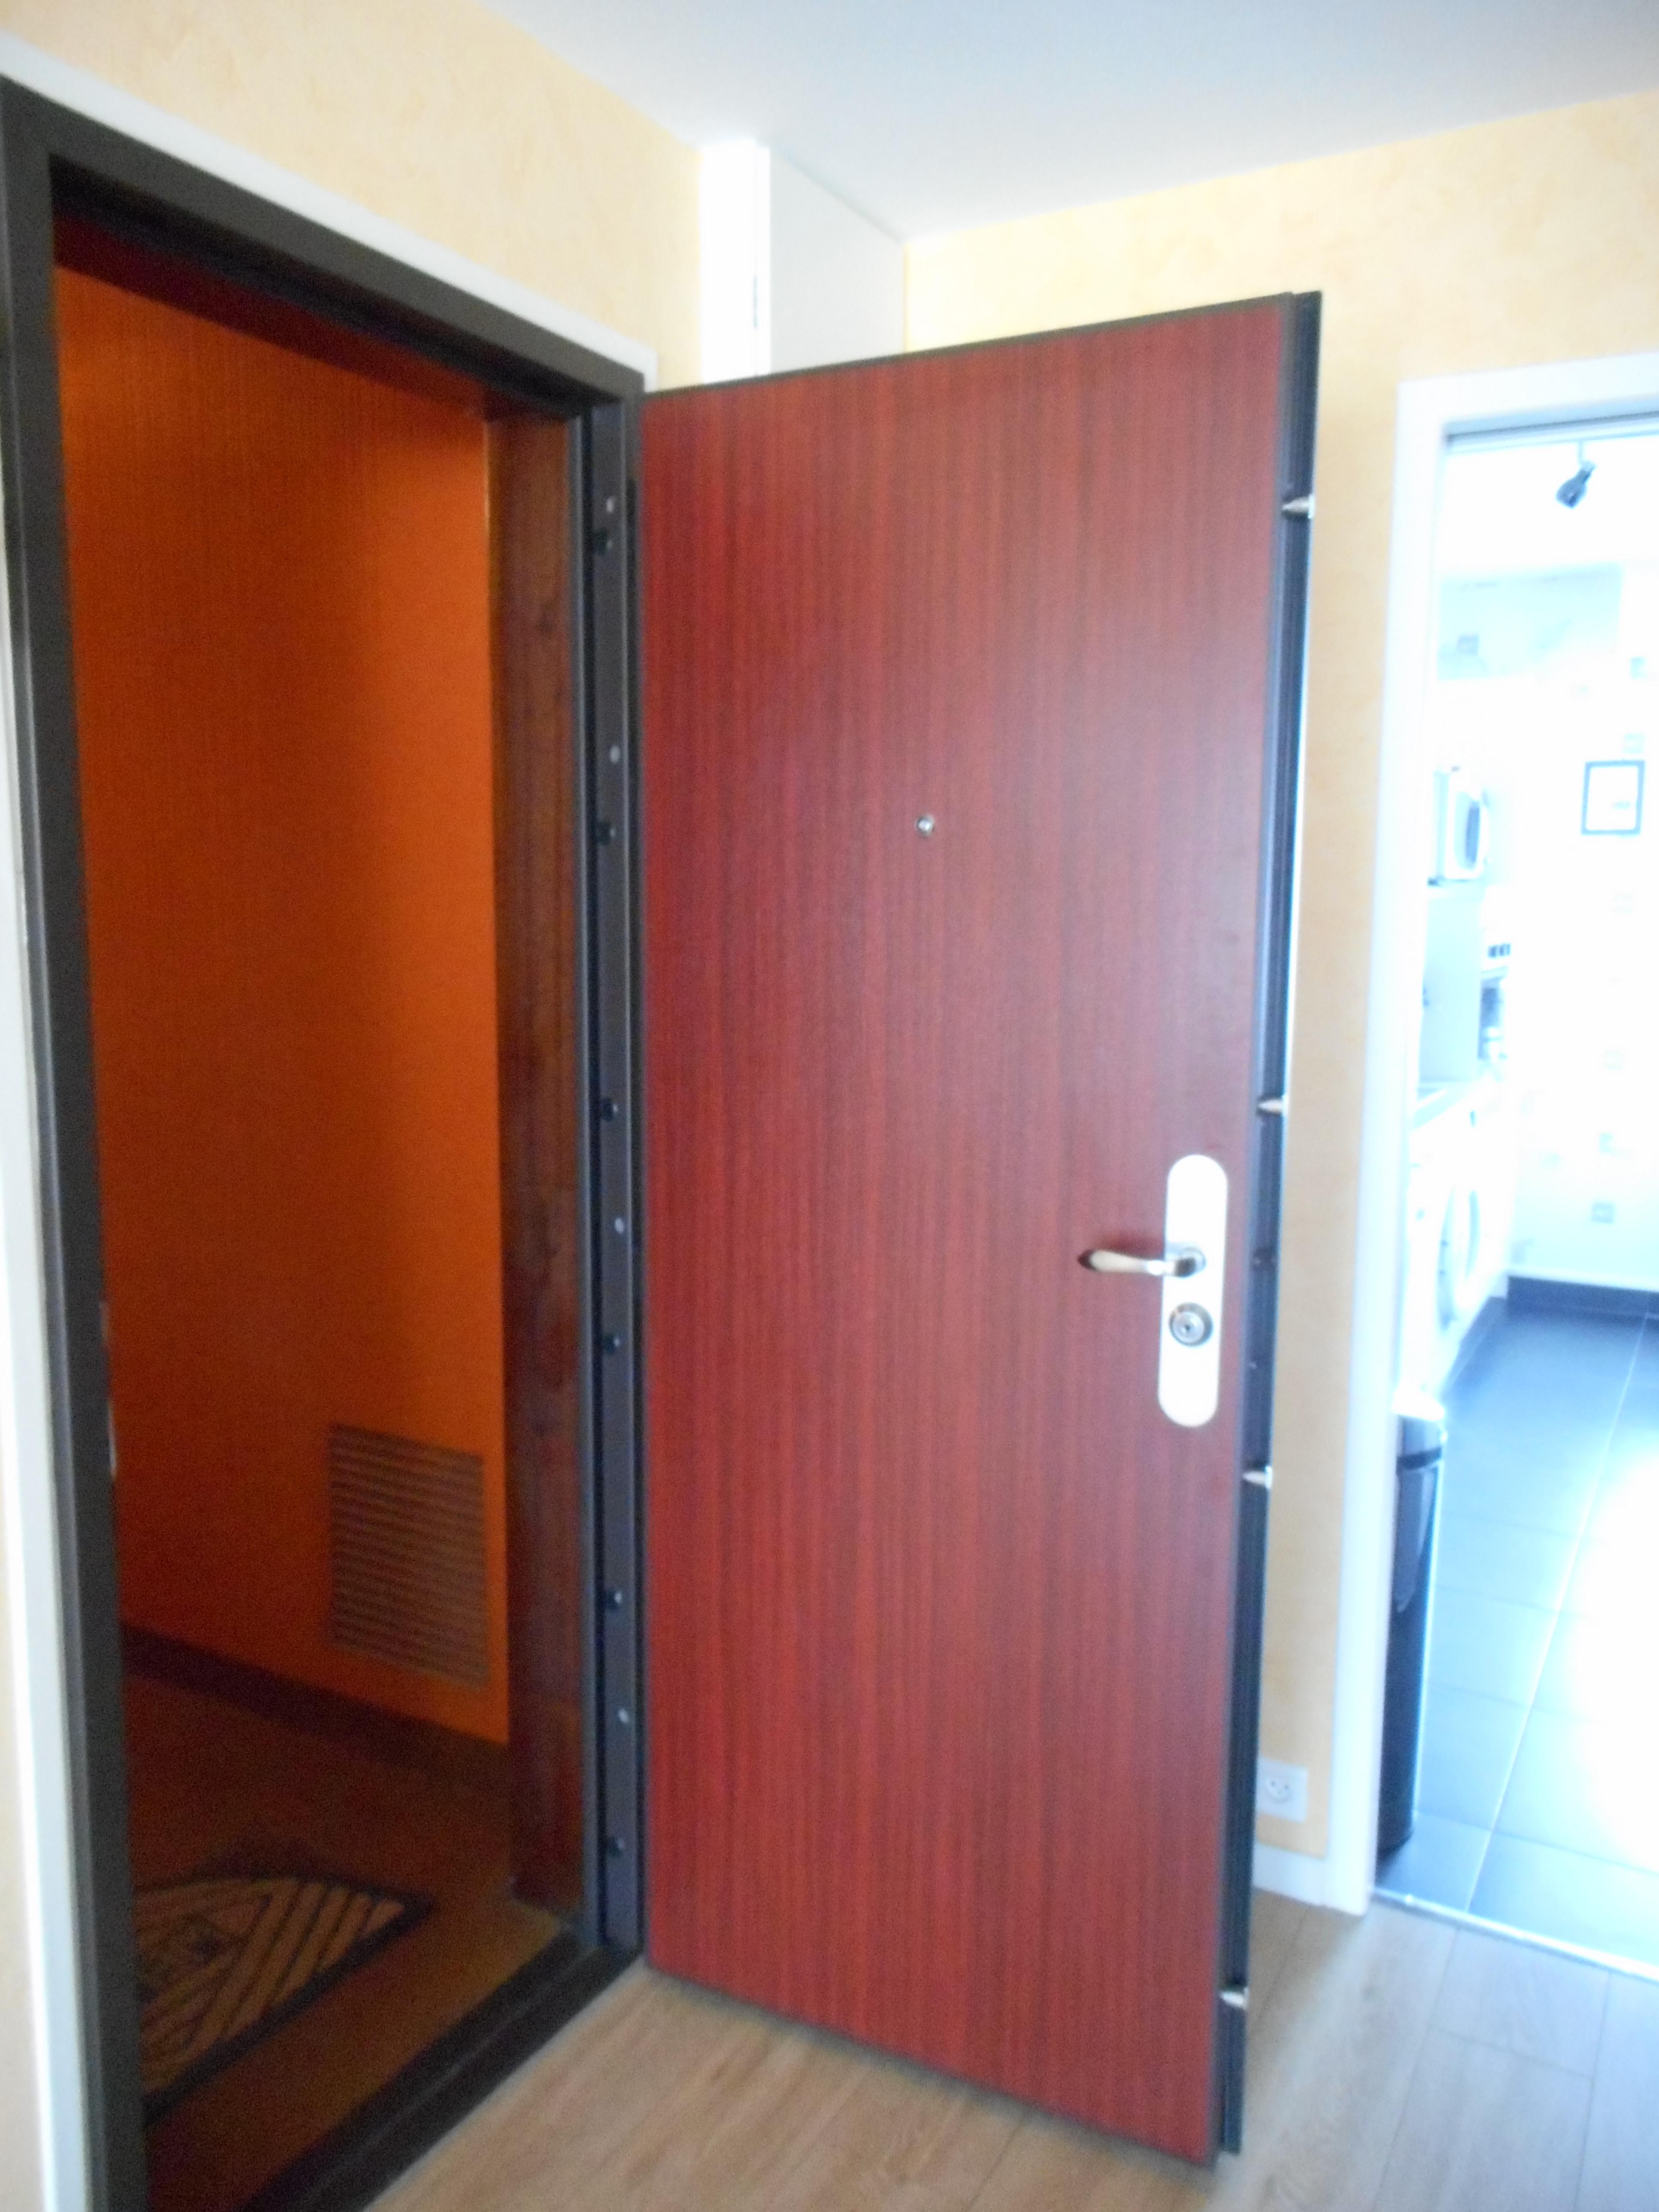 Portes blind es portes d 39 entr e blind es de fabrication - Portes d entree vitrees ...